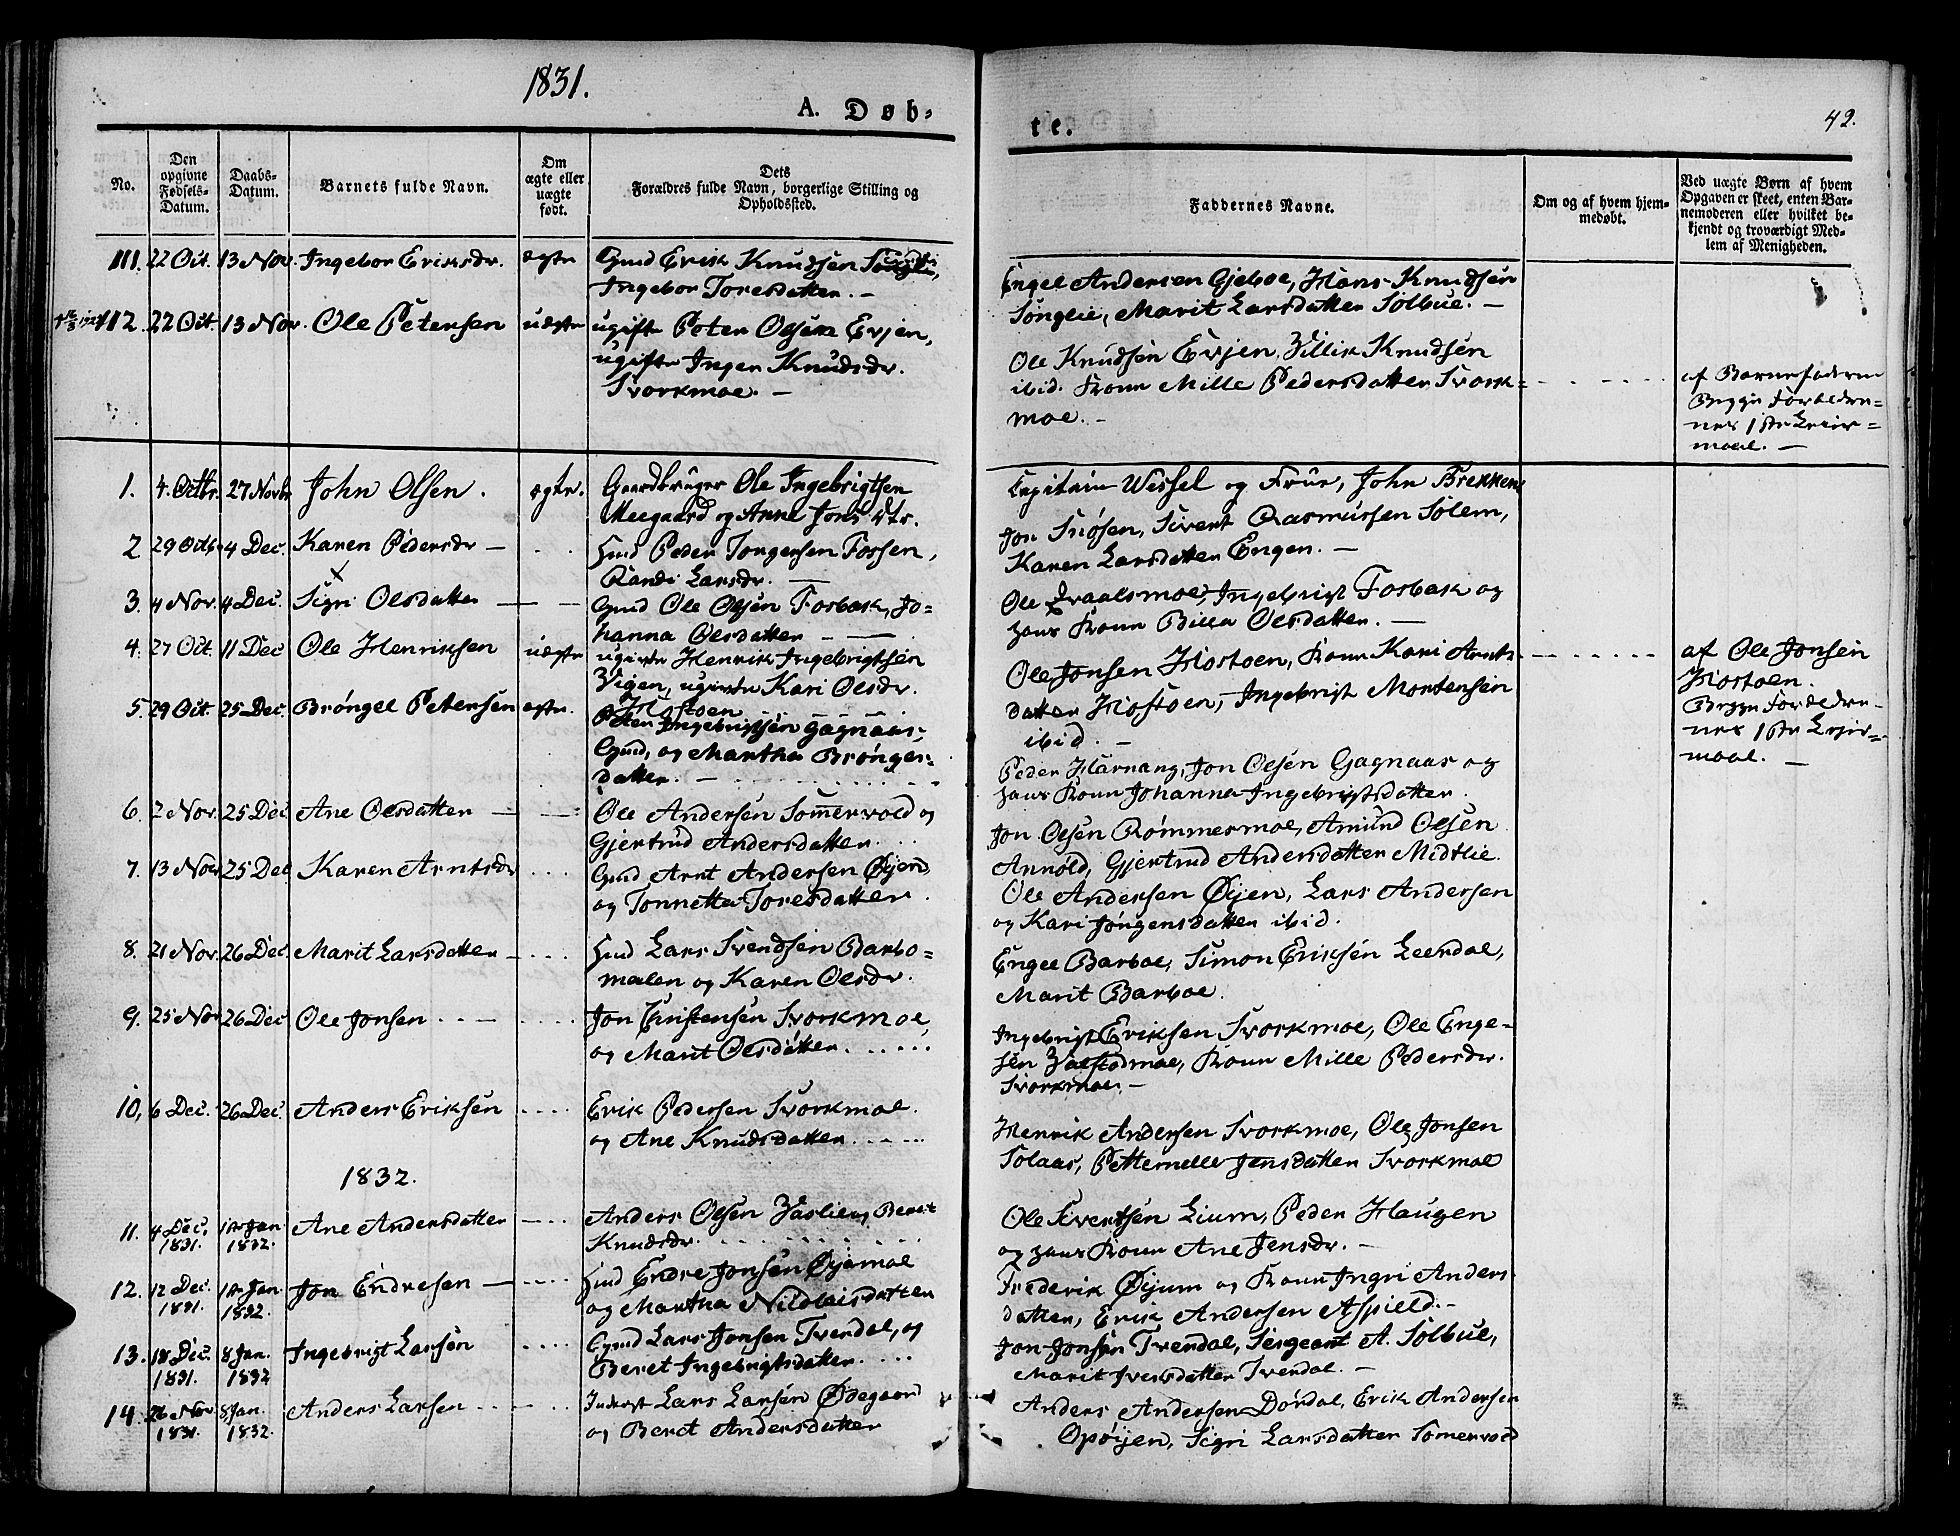 SAT, Ministerialprotokoller, klokkerbøker og fødselsregistre - Sør-Trøndelag, 668/L0804: Ministerialbok nr. 668A04, 1826-1839, s. 42